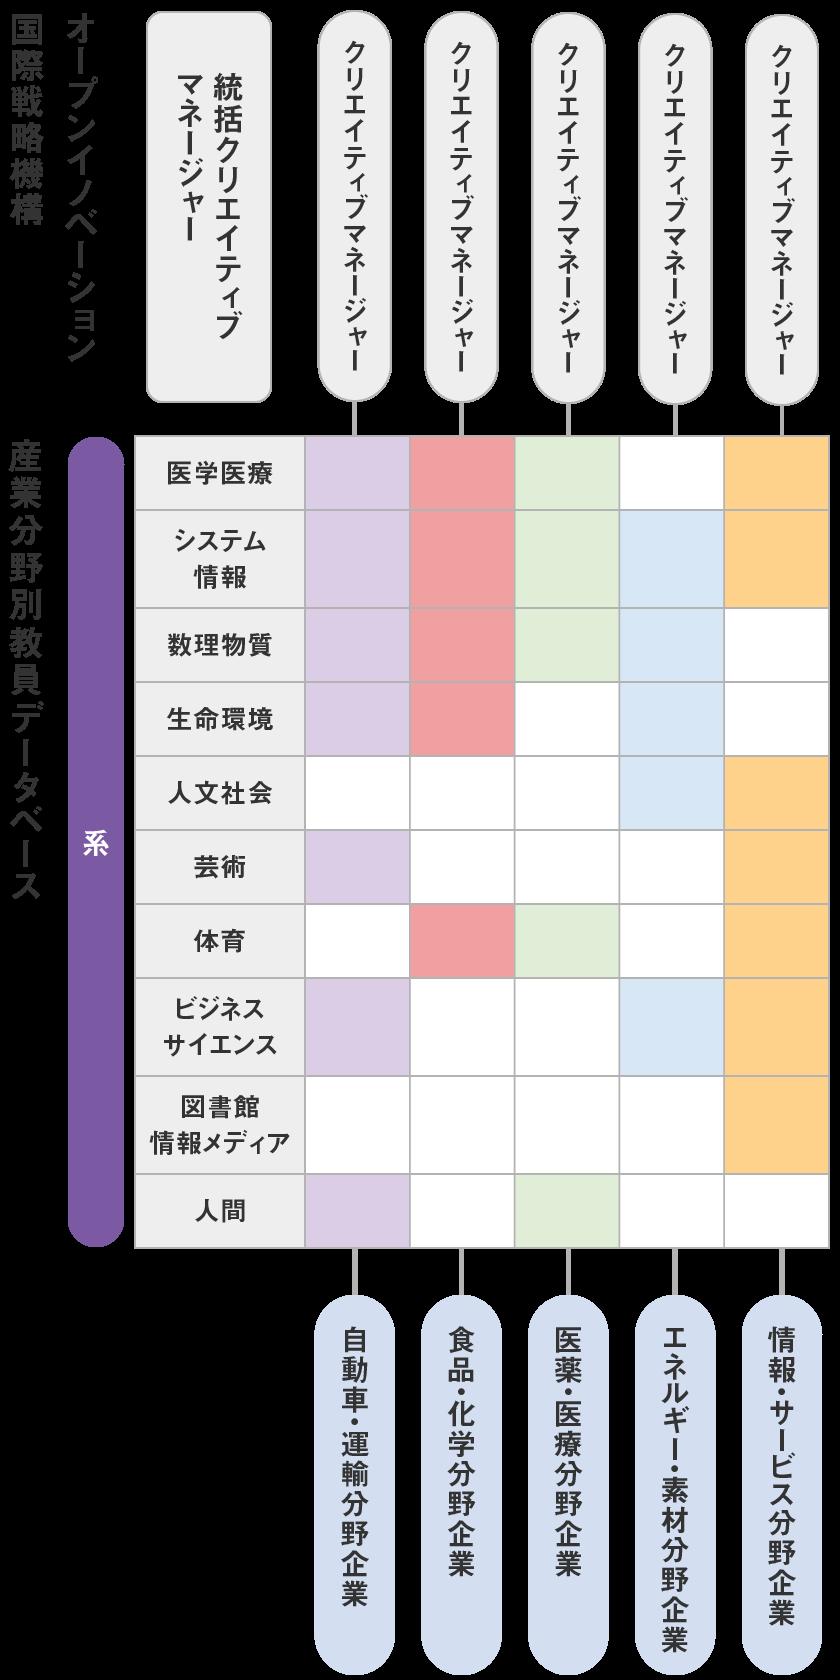 ニーズドリブン型産学連携|筑波大学オープンイノベーション国際戦略機構